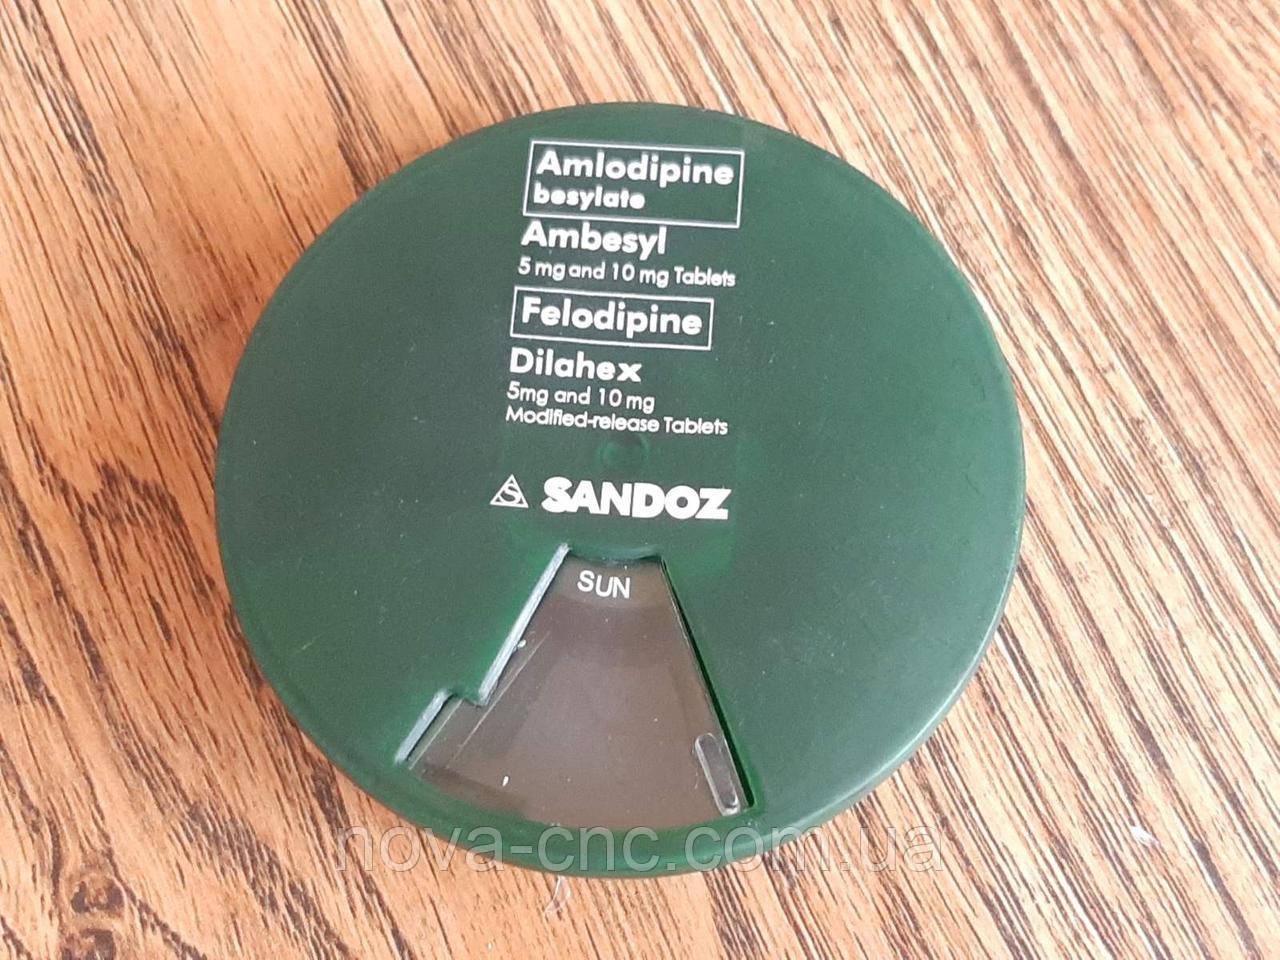 Органайзер-таблетница 7 ячеек высота 1,5 см, диаметр 8,5 см